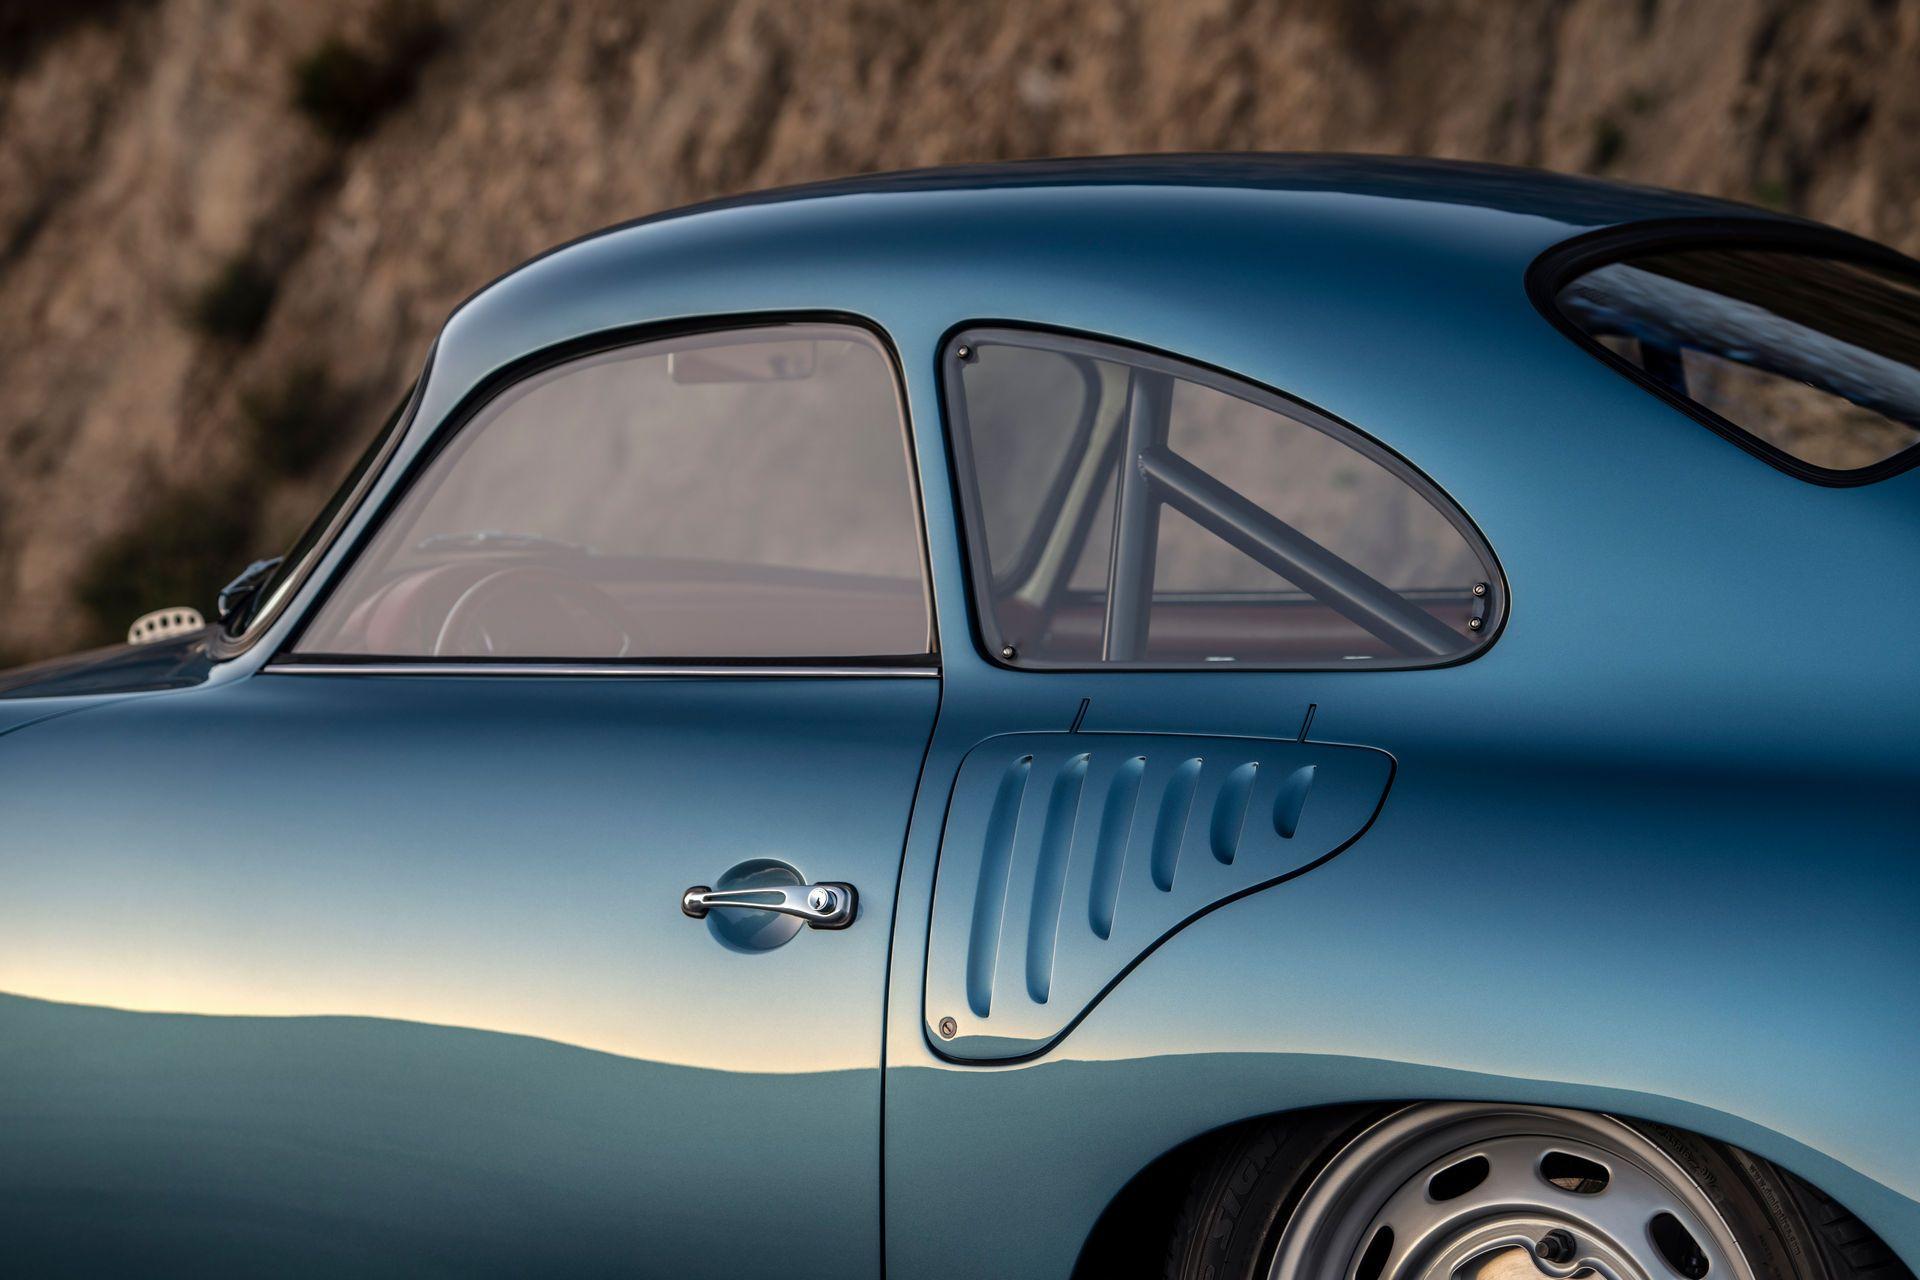 Porsche-356-A-Coupe-Restomod-Emory-Motorsports-50